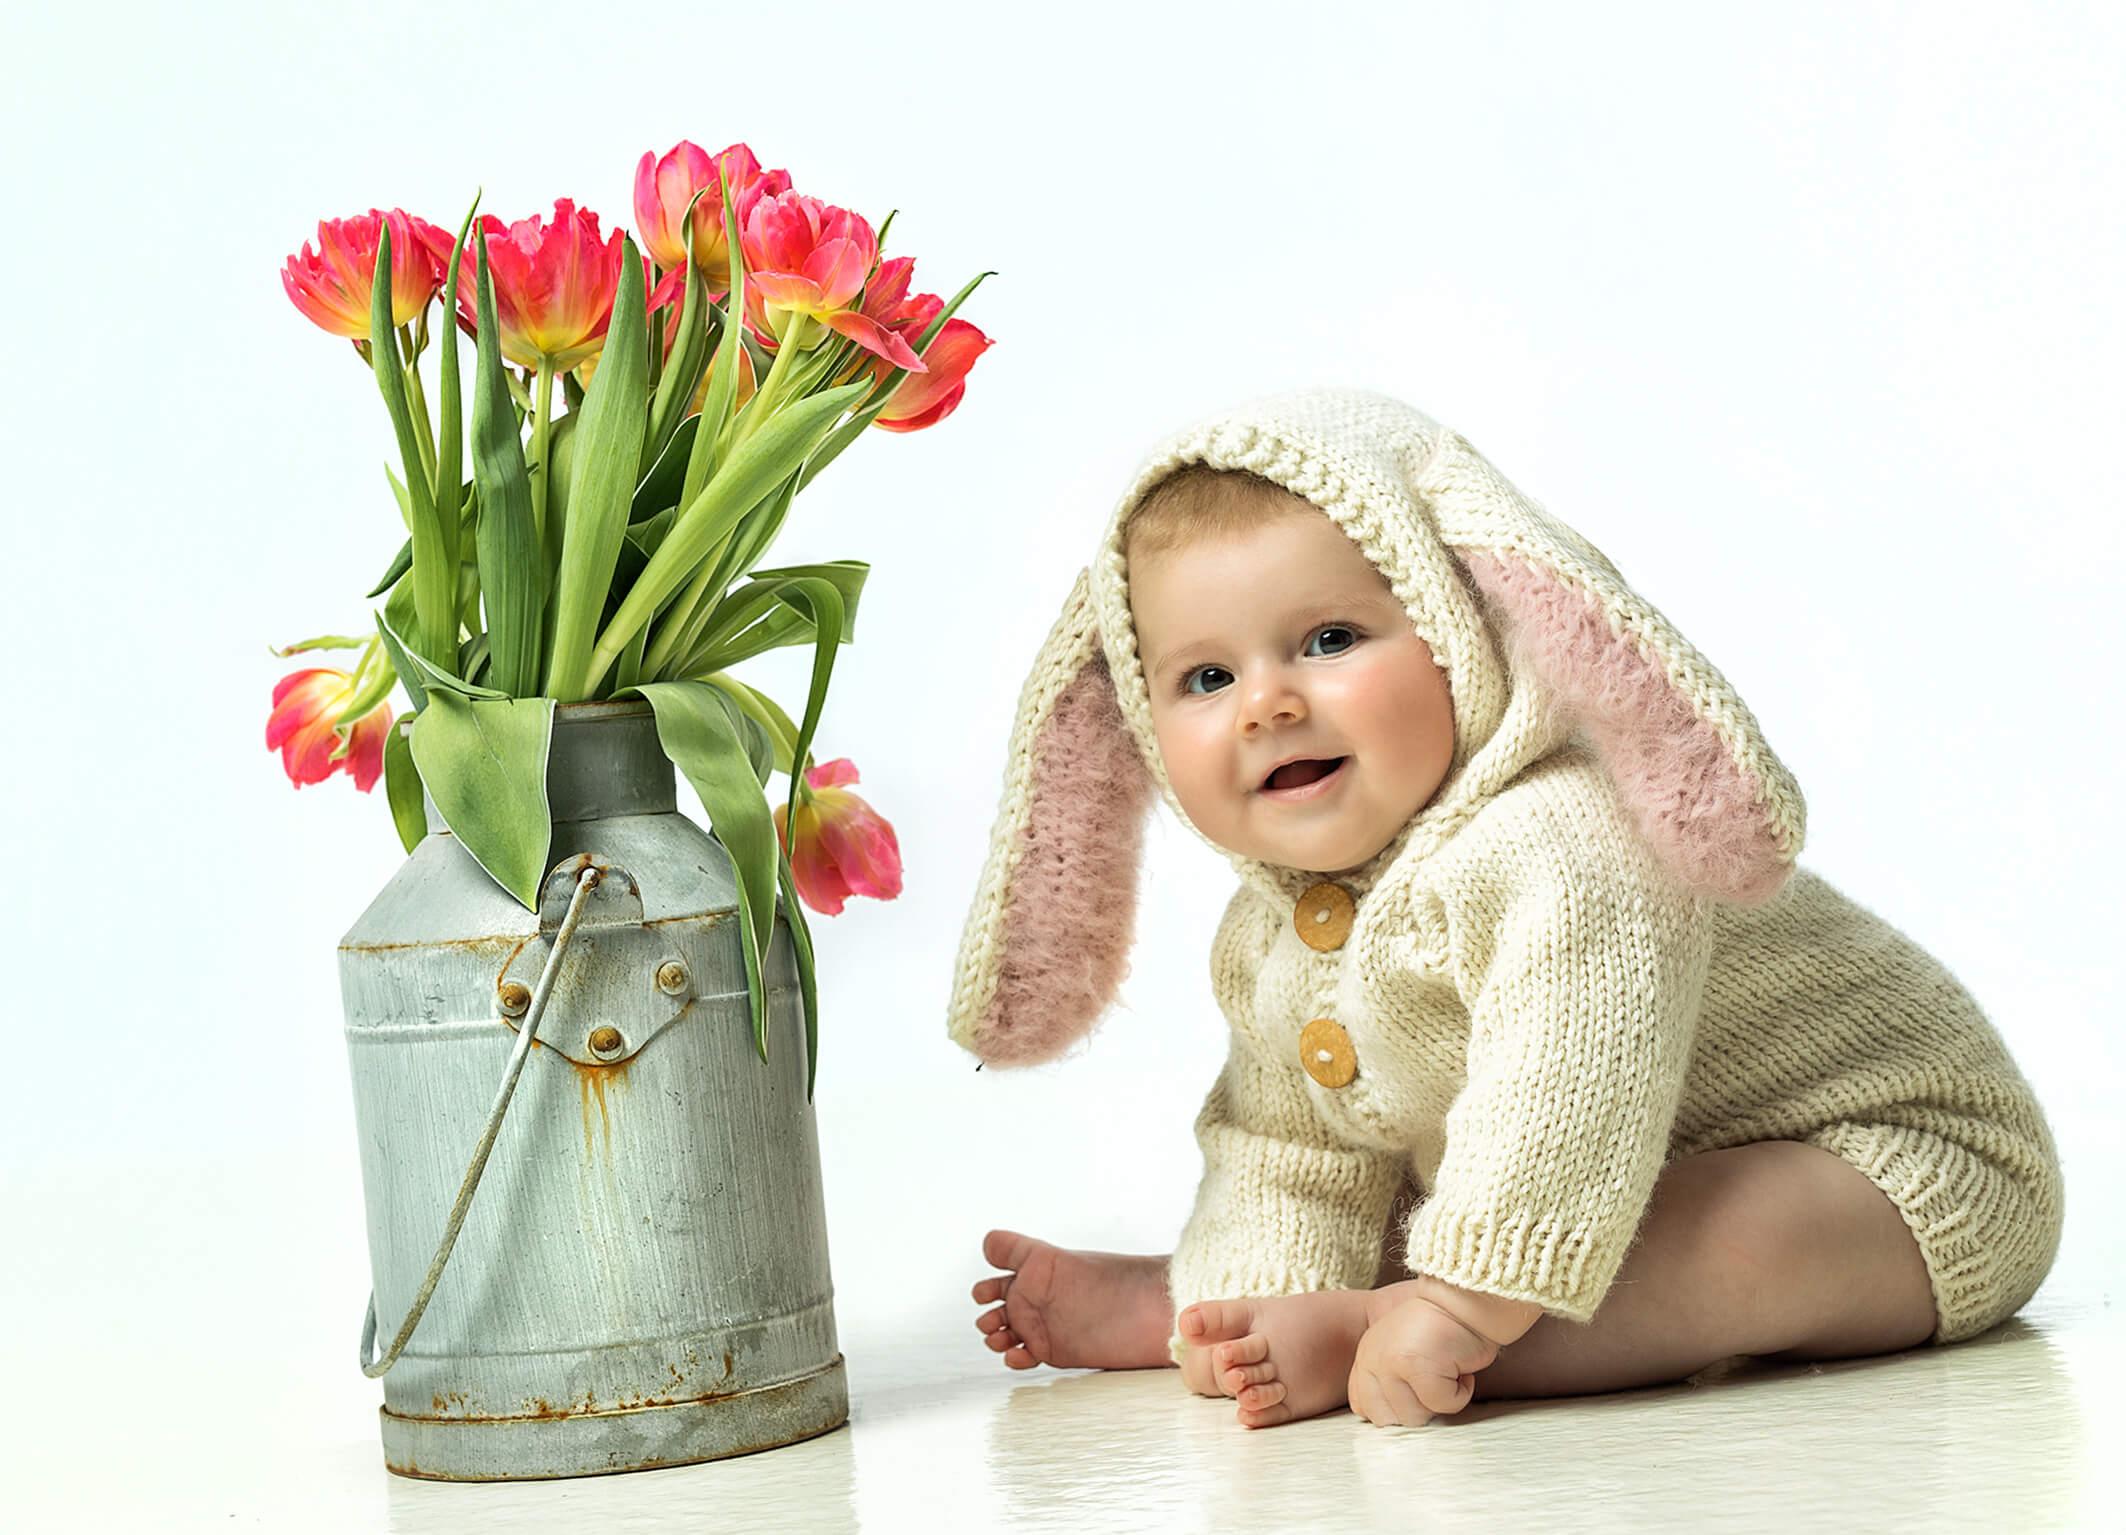 Babyfoto im Hasenkostüm und Tulpenstrauß